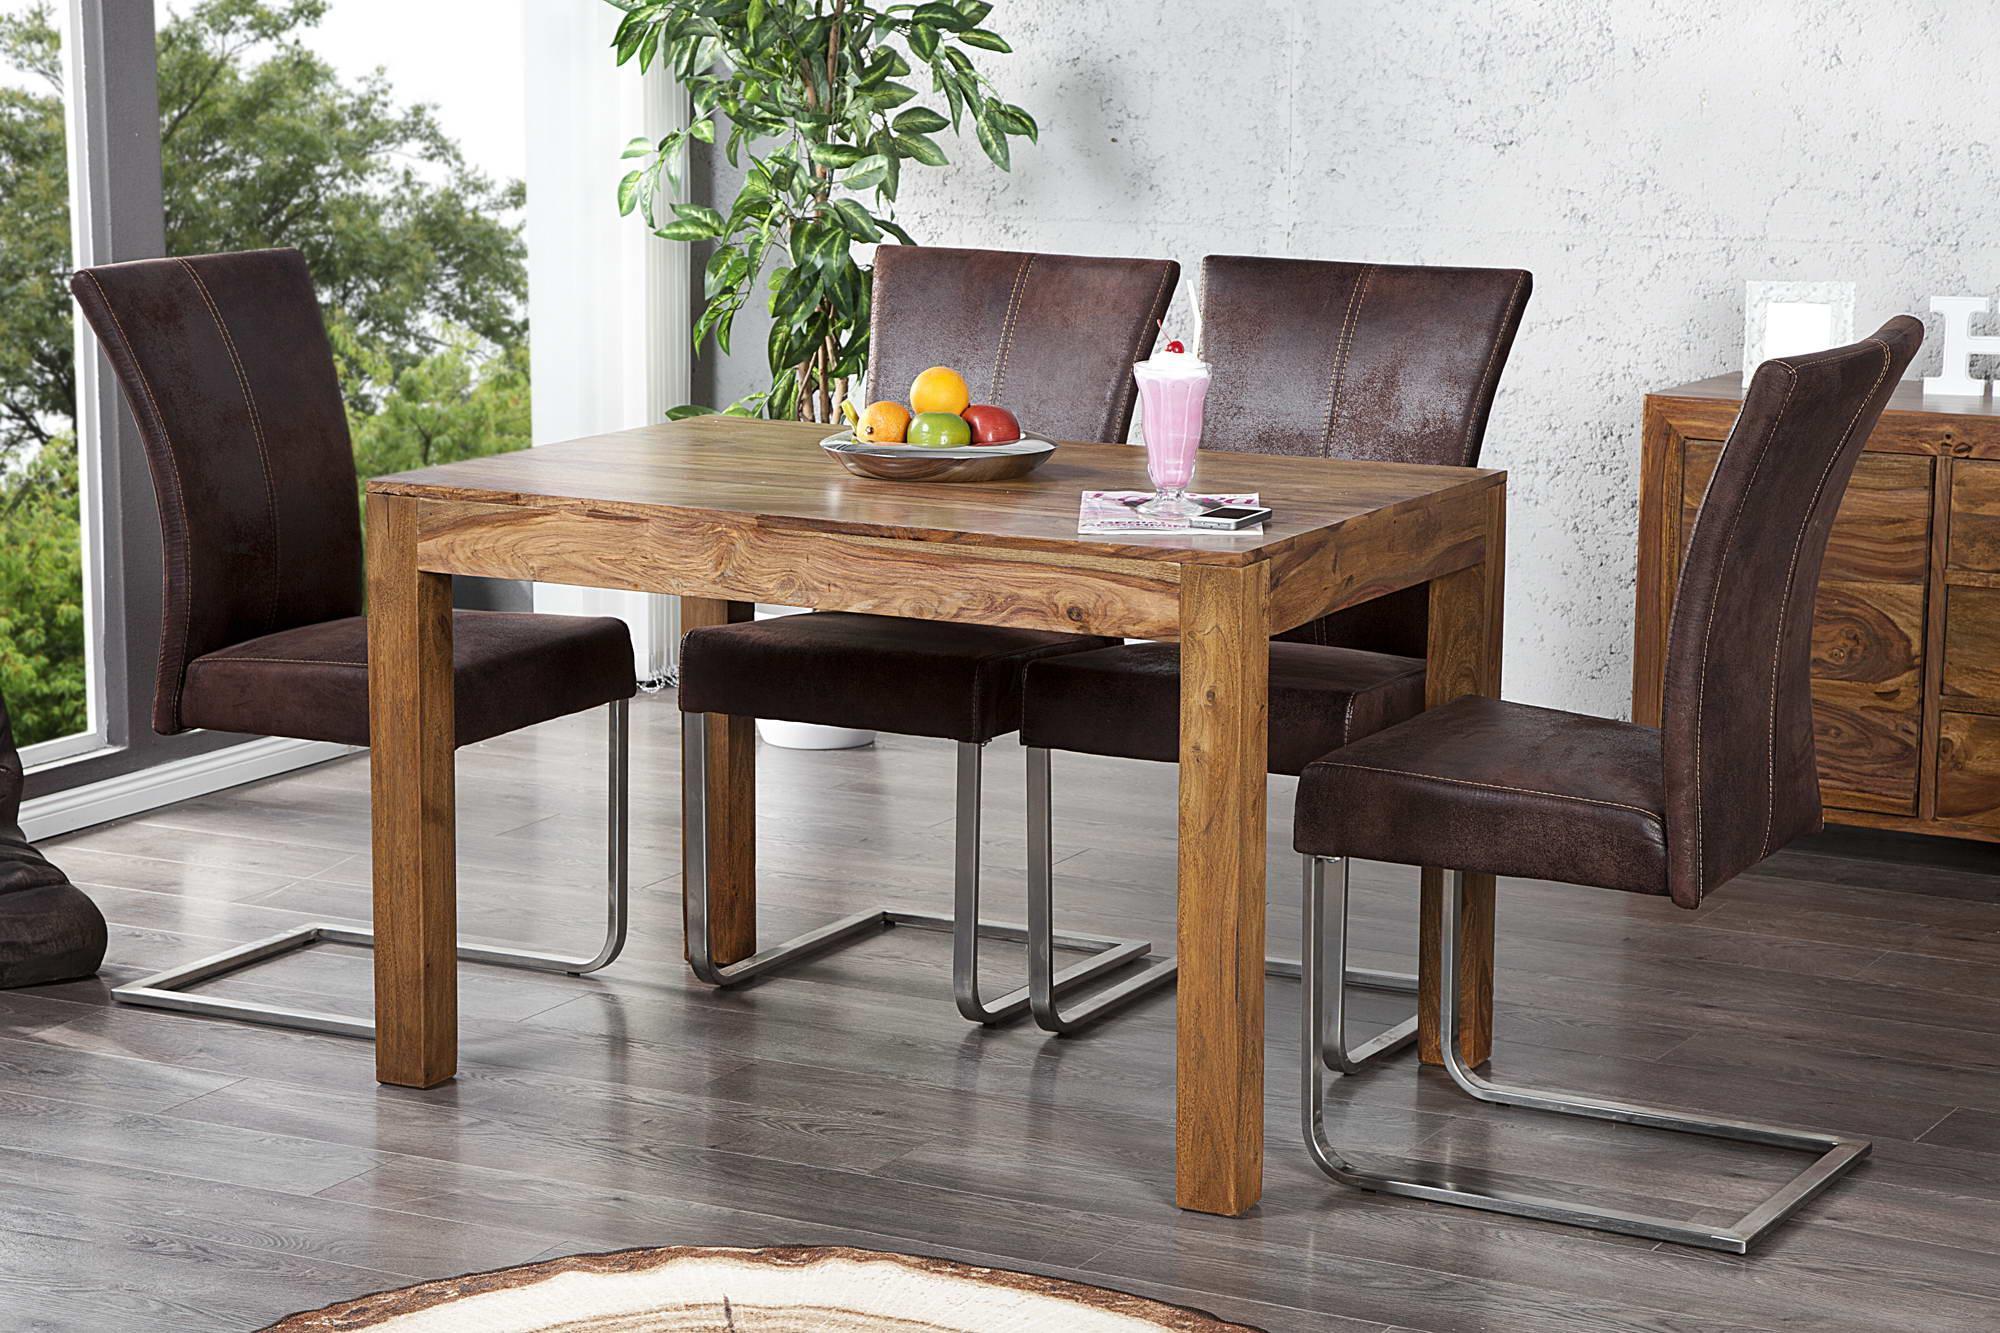 Jedálenský stôl z masívu Las Palmas 120